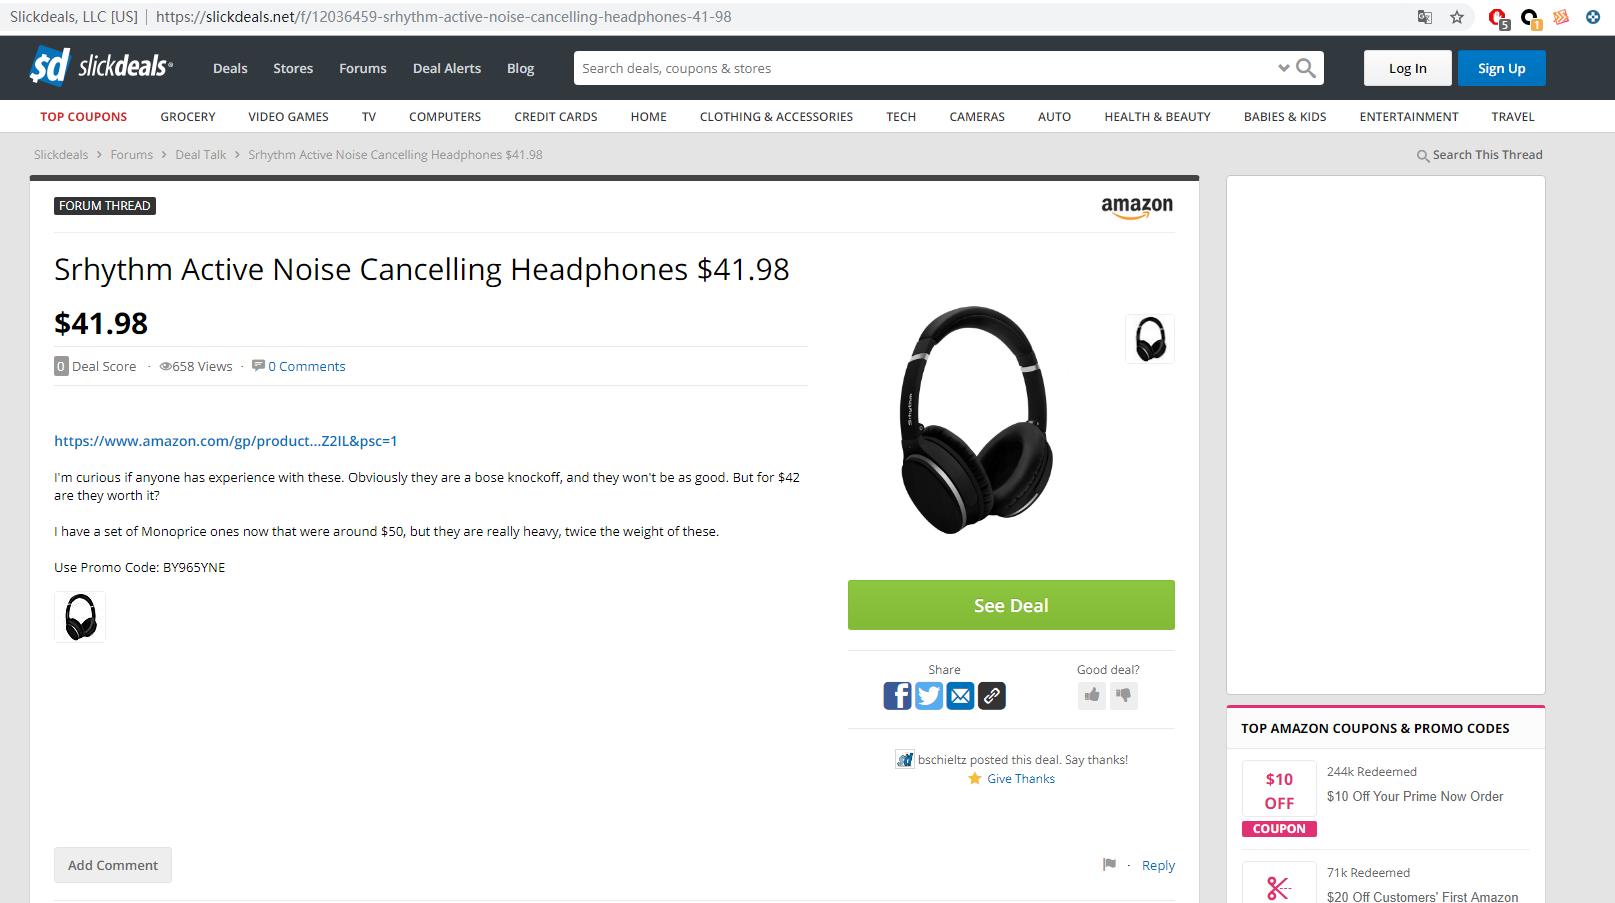 UONI由利旗下Srhythm系列蓝牙耳机又霸榜啦!获德法亚马逊销量第一